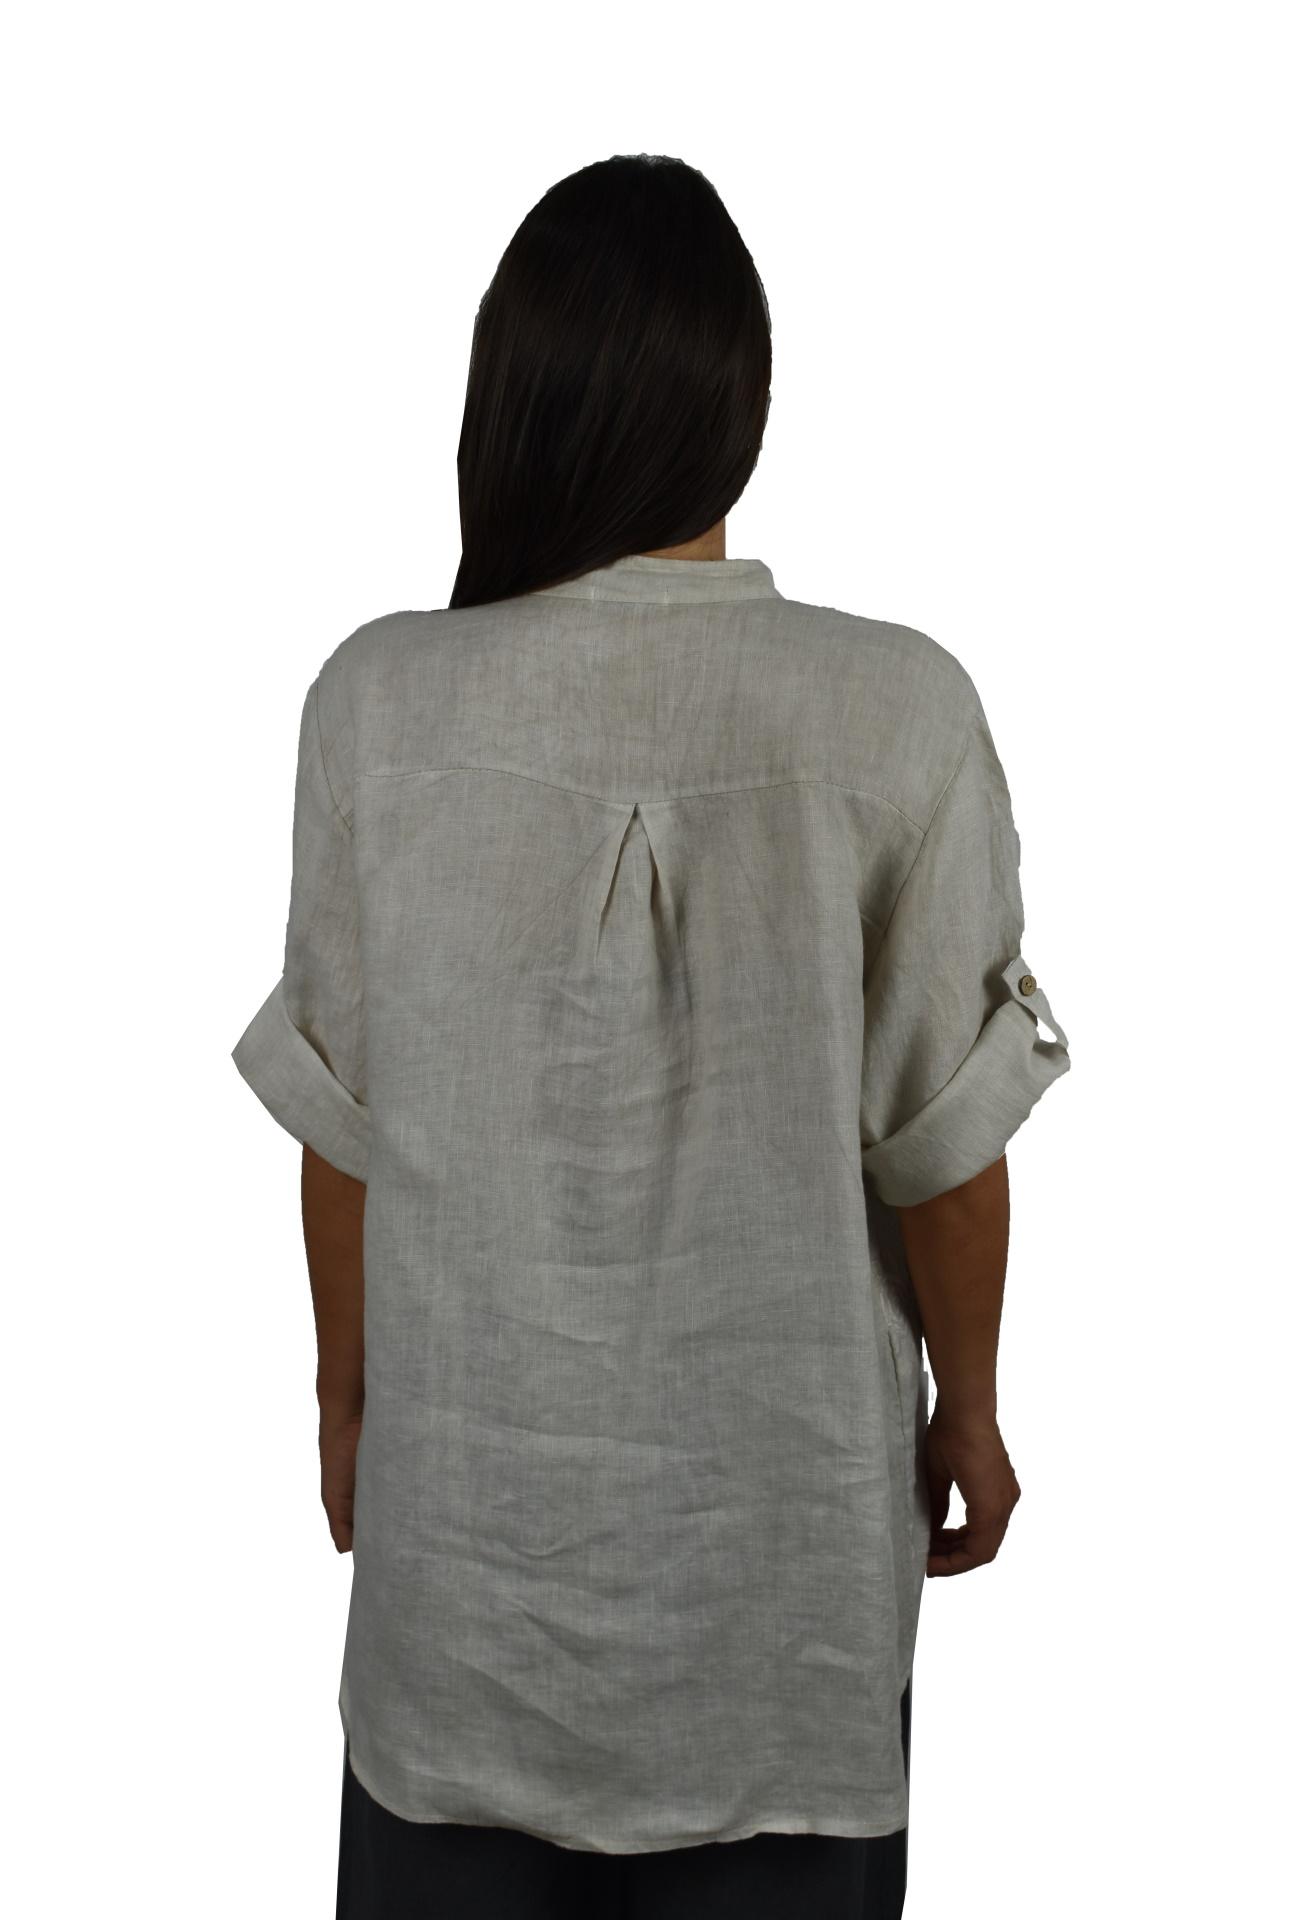 CAMMAXPE2102 BEIGE CAMICIA DA DONNA MANICA 34 100 LINO 1 1stAmerican camicia manica 3/4 da donna 100% lino Made in Italy - vestito collo a y da spiaggia donna